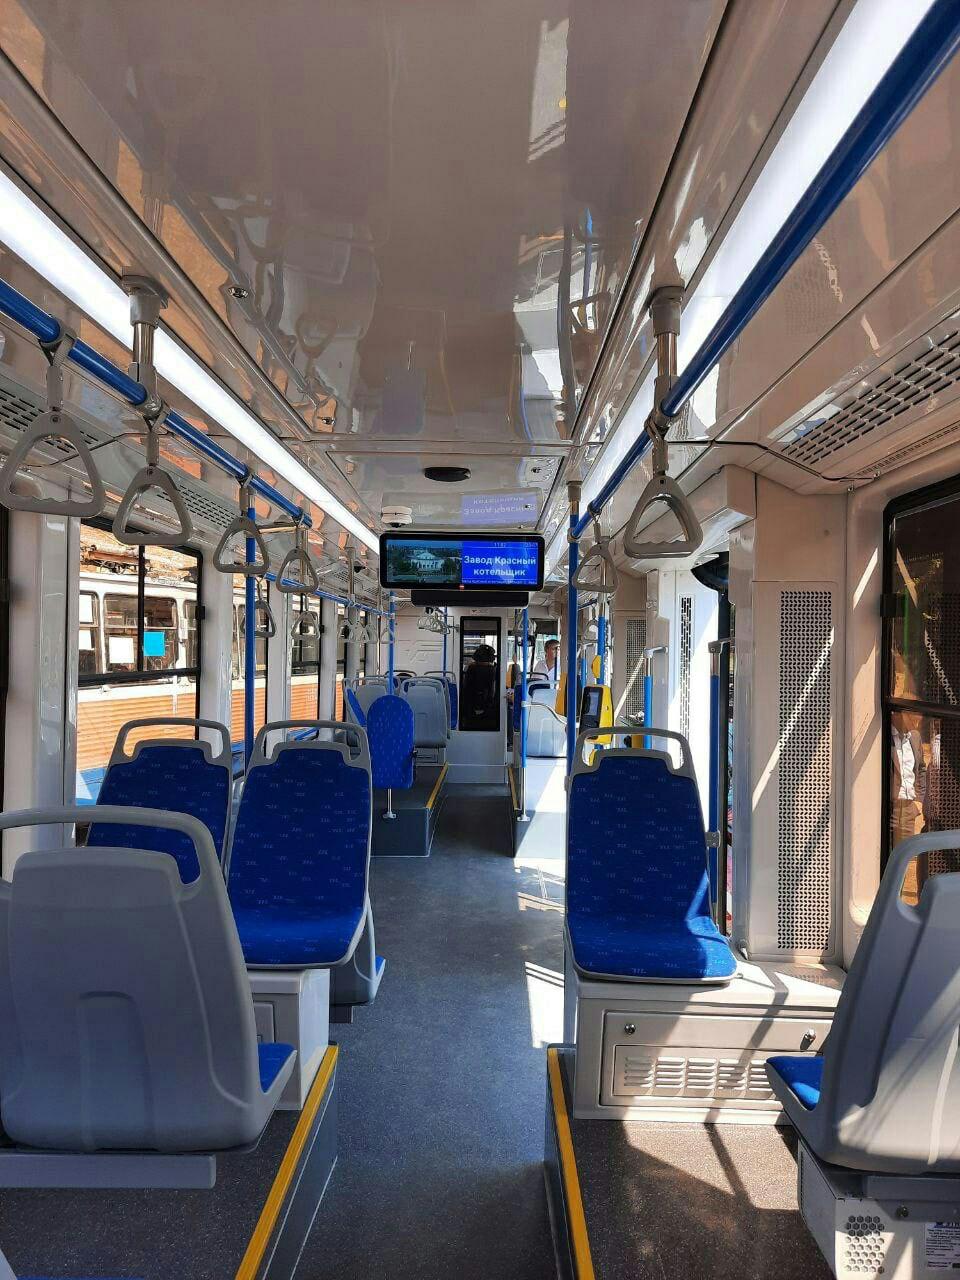 Public transport in Russian cities Kgrg-z10